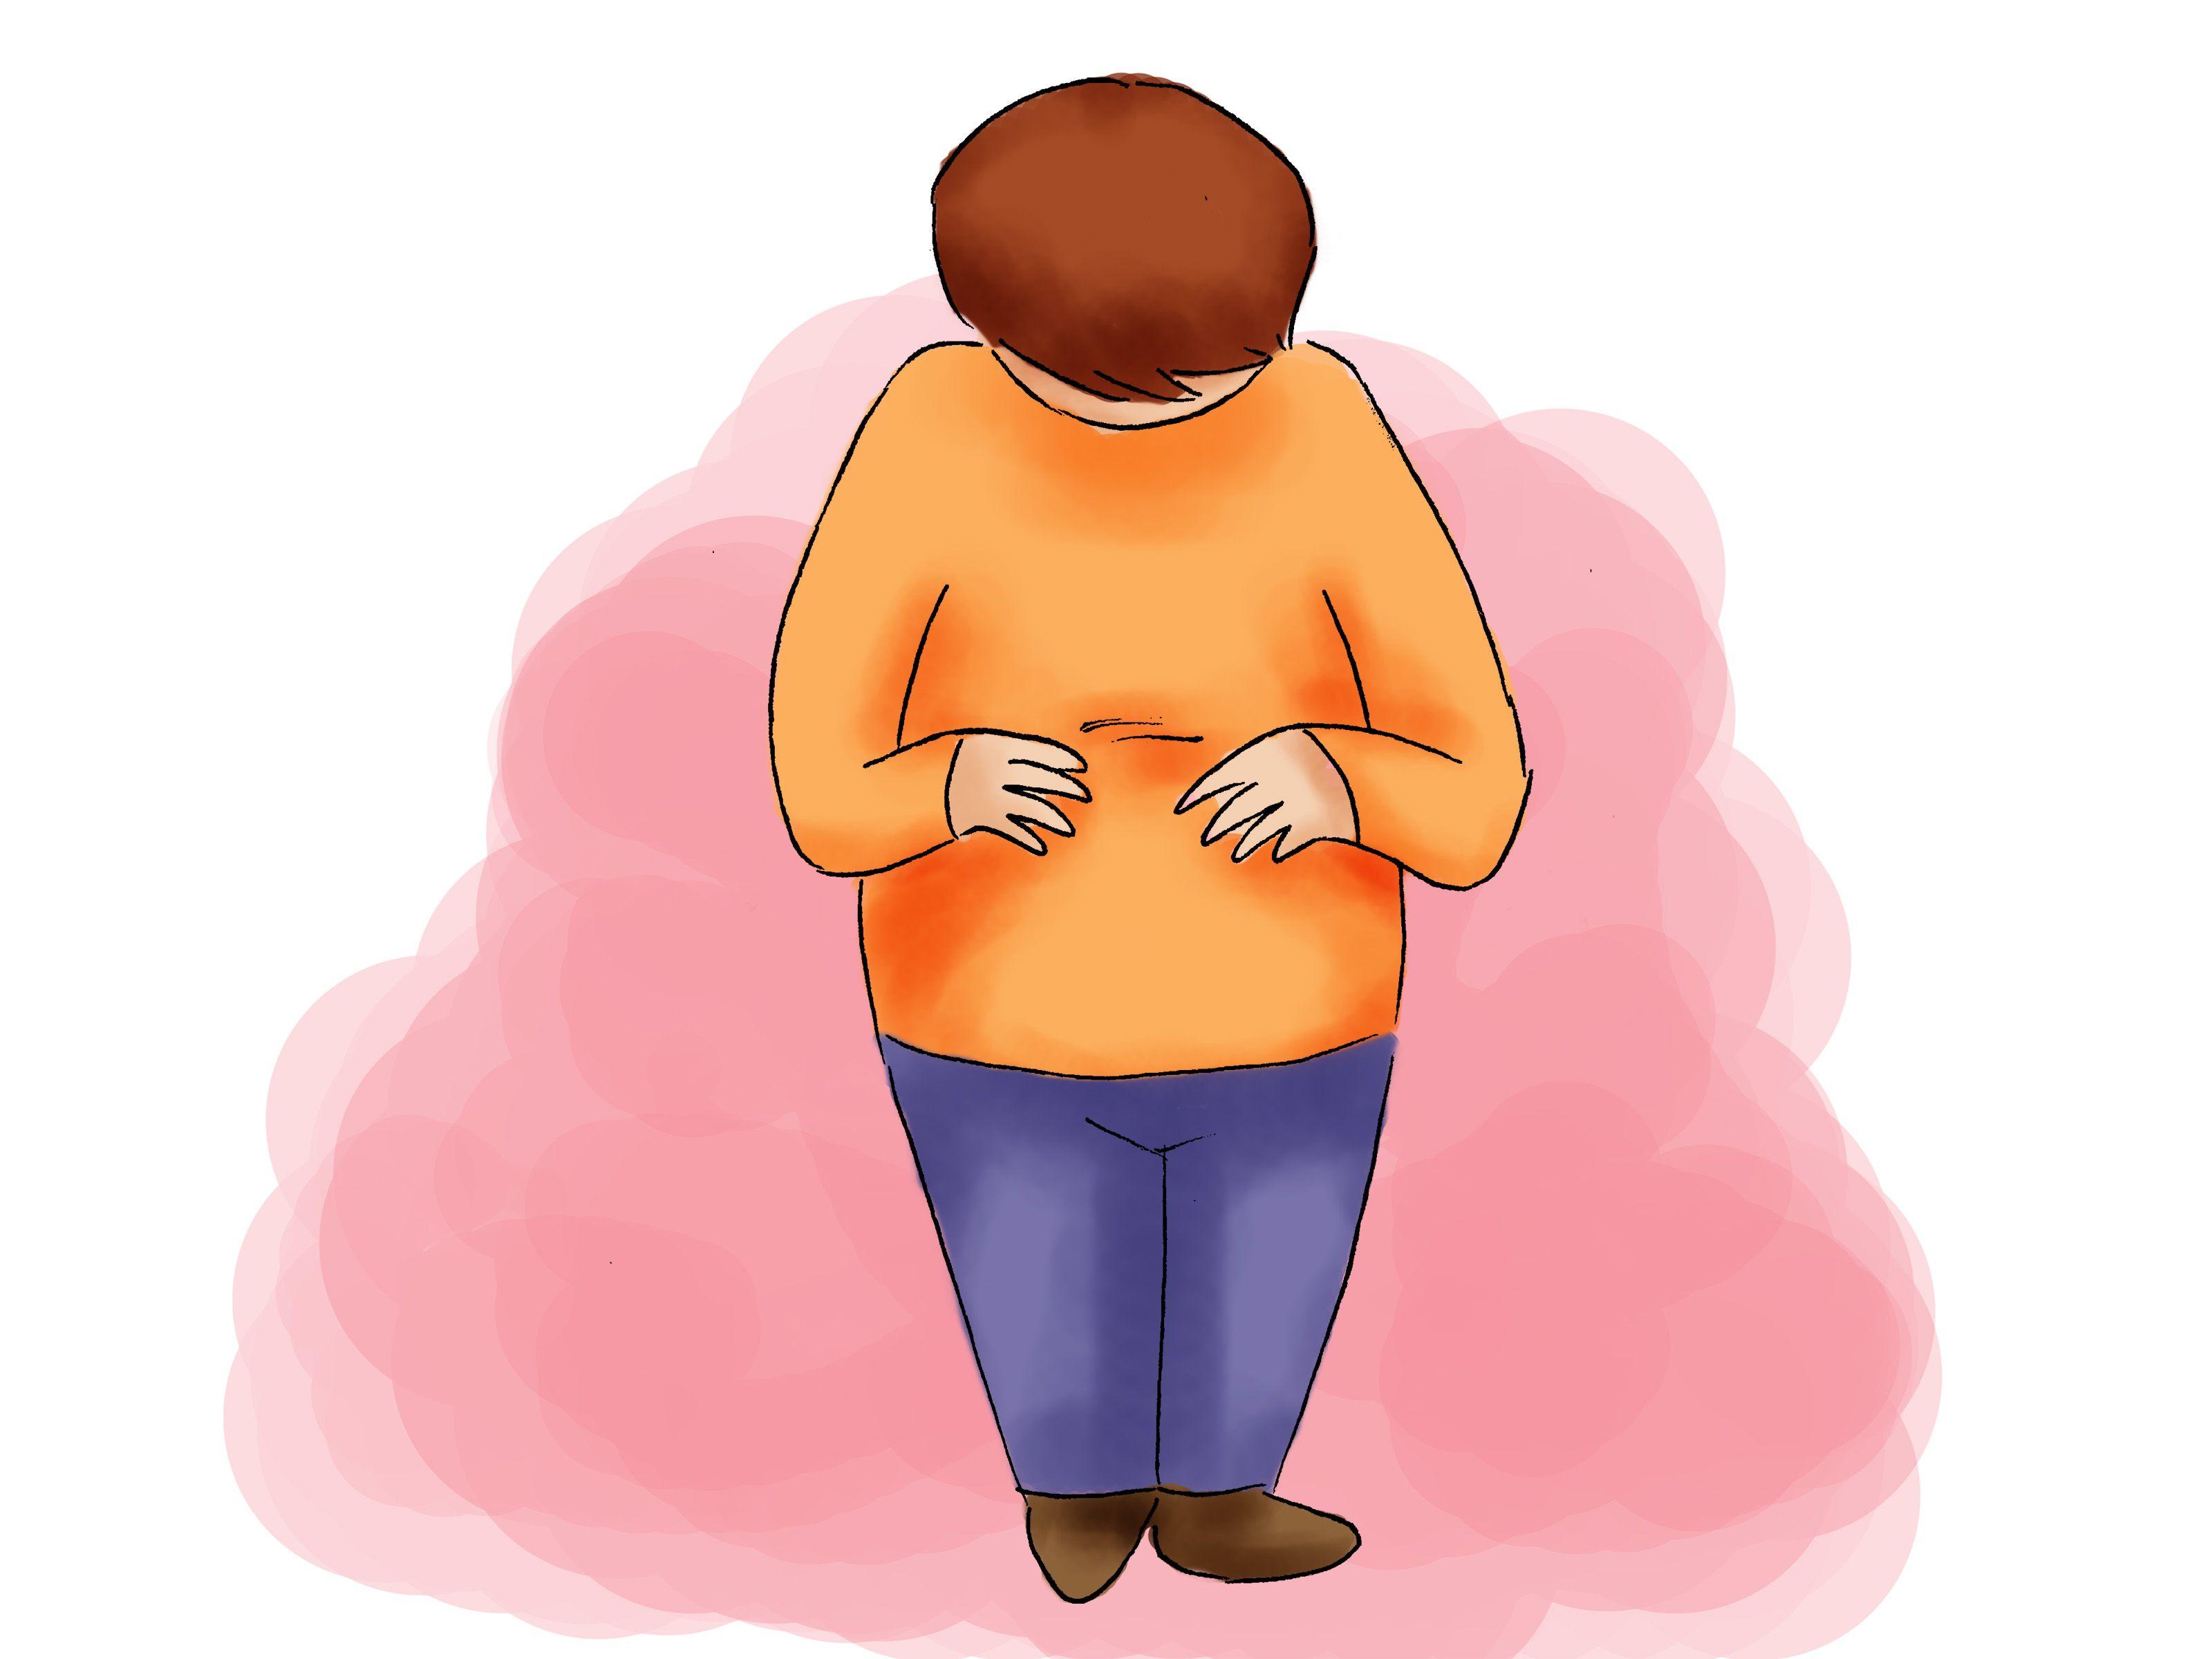 Une augmentation chronique du taux de potassium (aussi appelée hyperkaliémie) est le signe d'un mauvais fonctionnement des reins. Cependant, elle peut aussi être provoquée par certains médicaments, des blessures aigües ou une crise grave de...